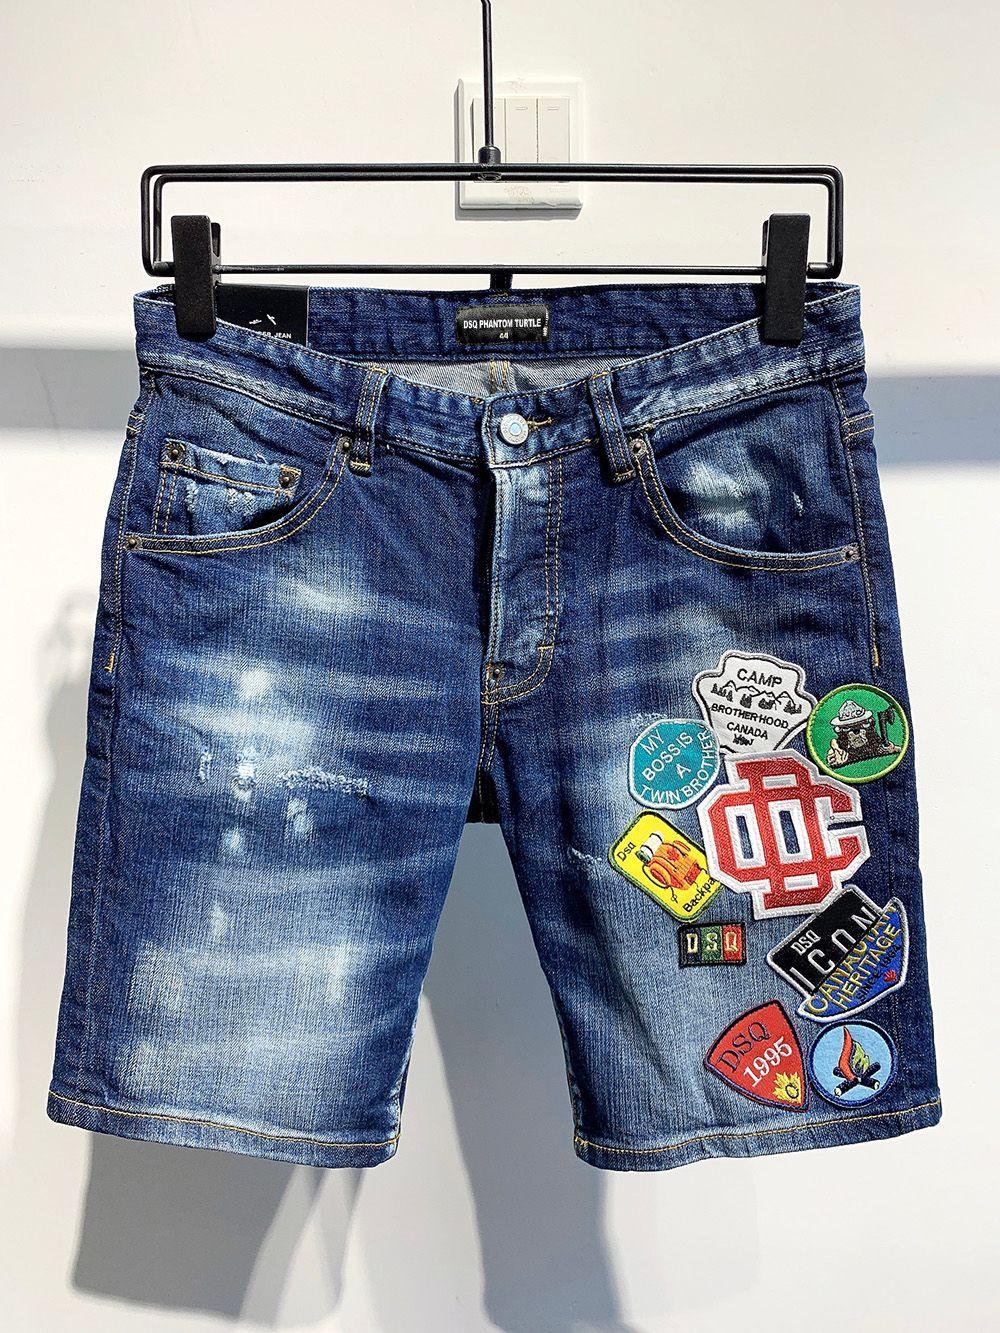 DSQ Jeans Männer Jeans Herren Luxus DesignerJeans Skinny Ripping Cool Guy Kausal Loch Denim Mode Marke Fit Jeans Männer WASHED Hose 10170